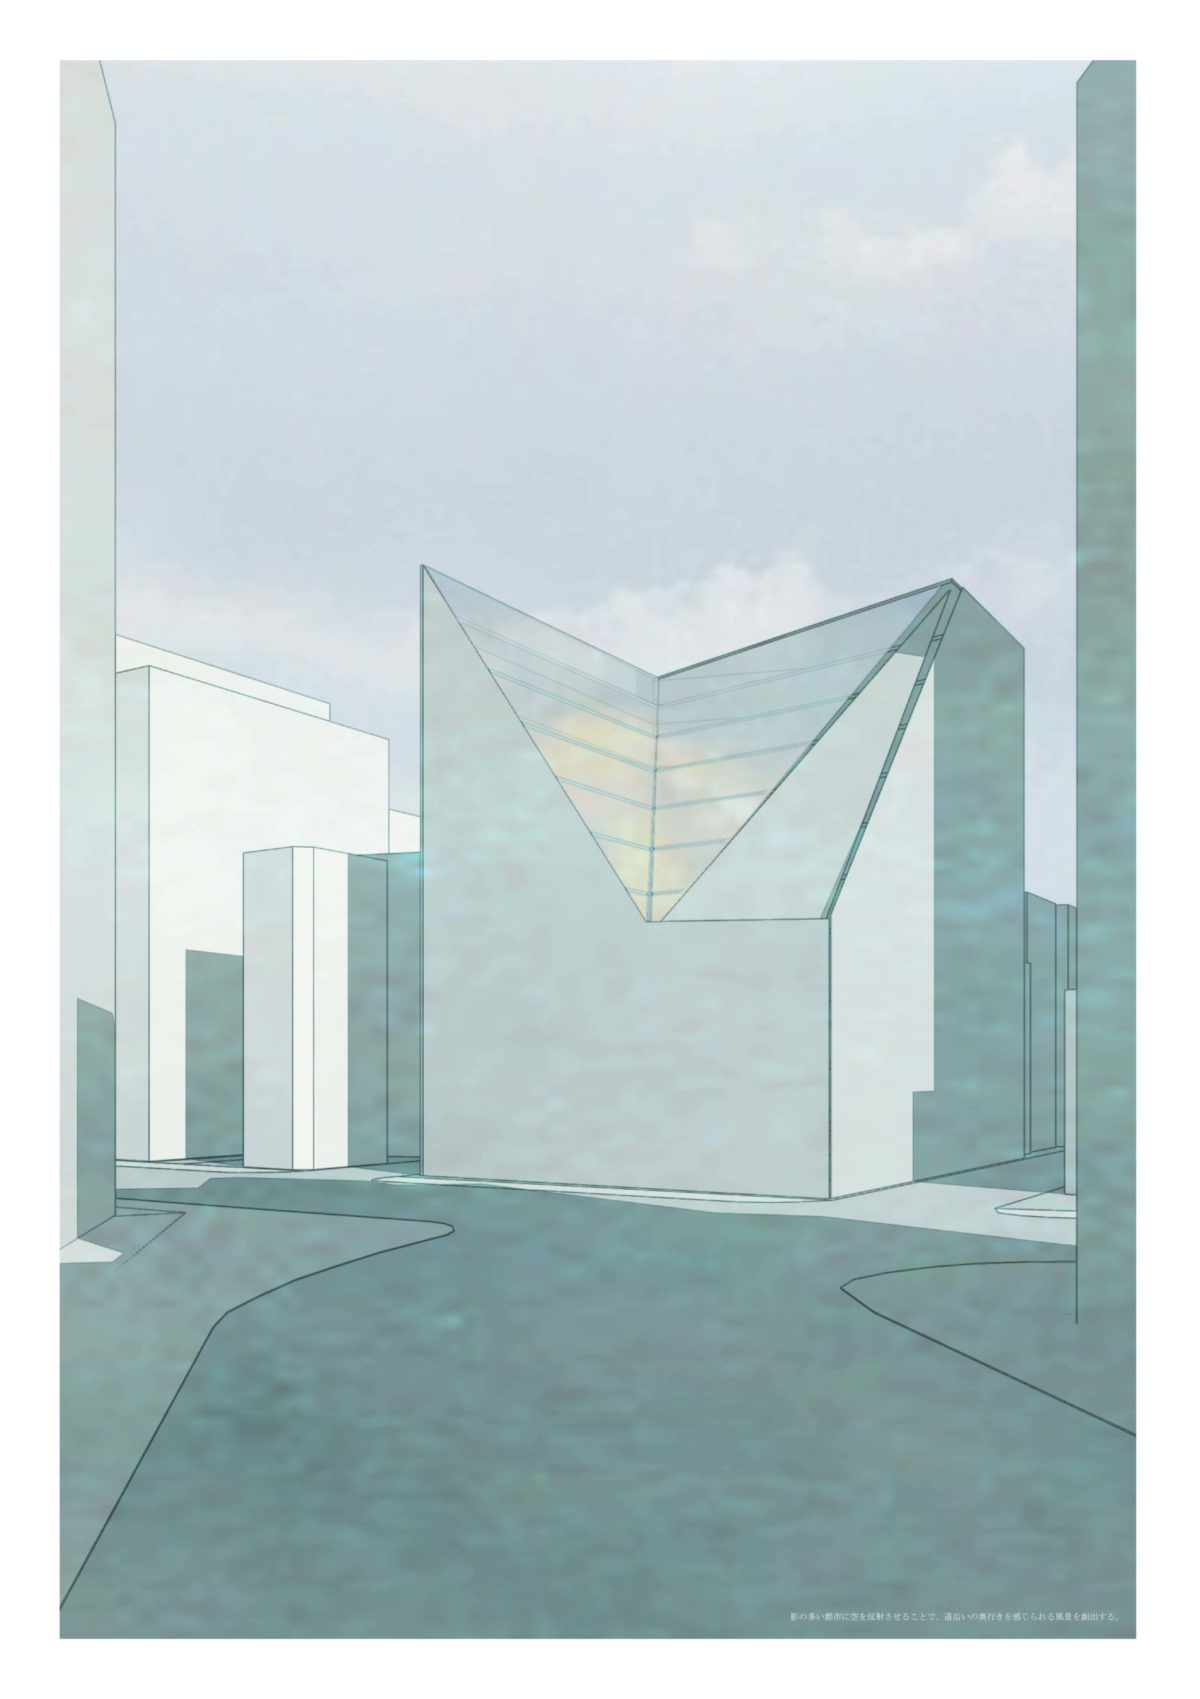 風景を想起する第五世代美術館建築 -歌川広重による名所江戸百景の分析を通して--21